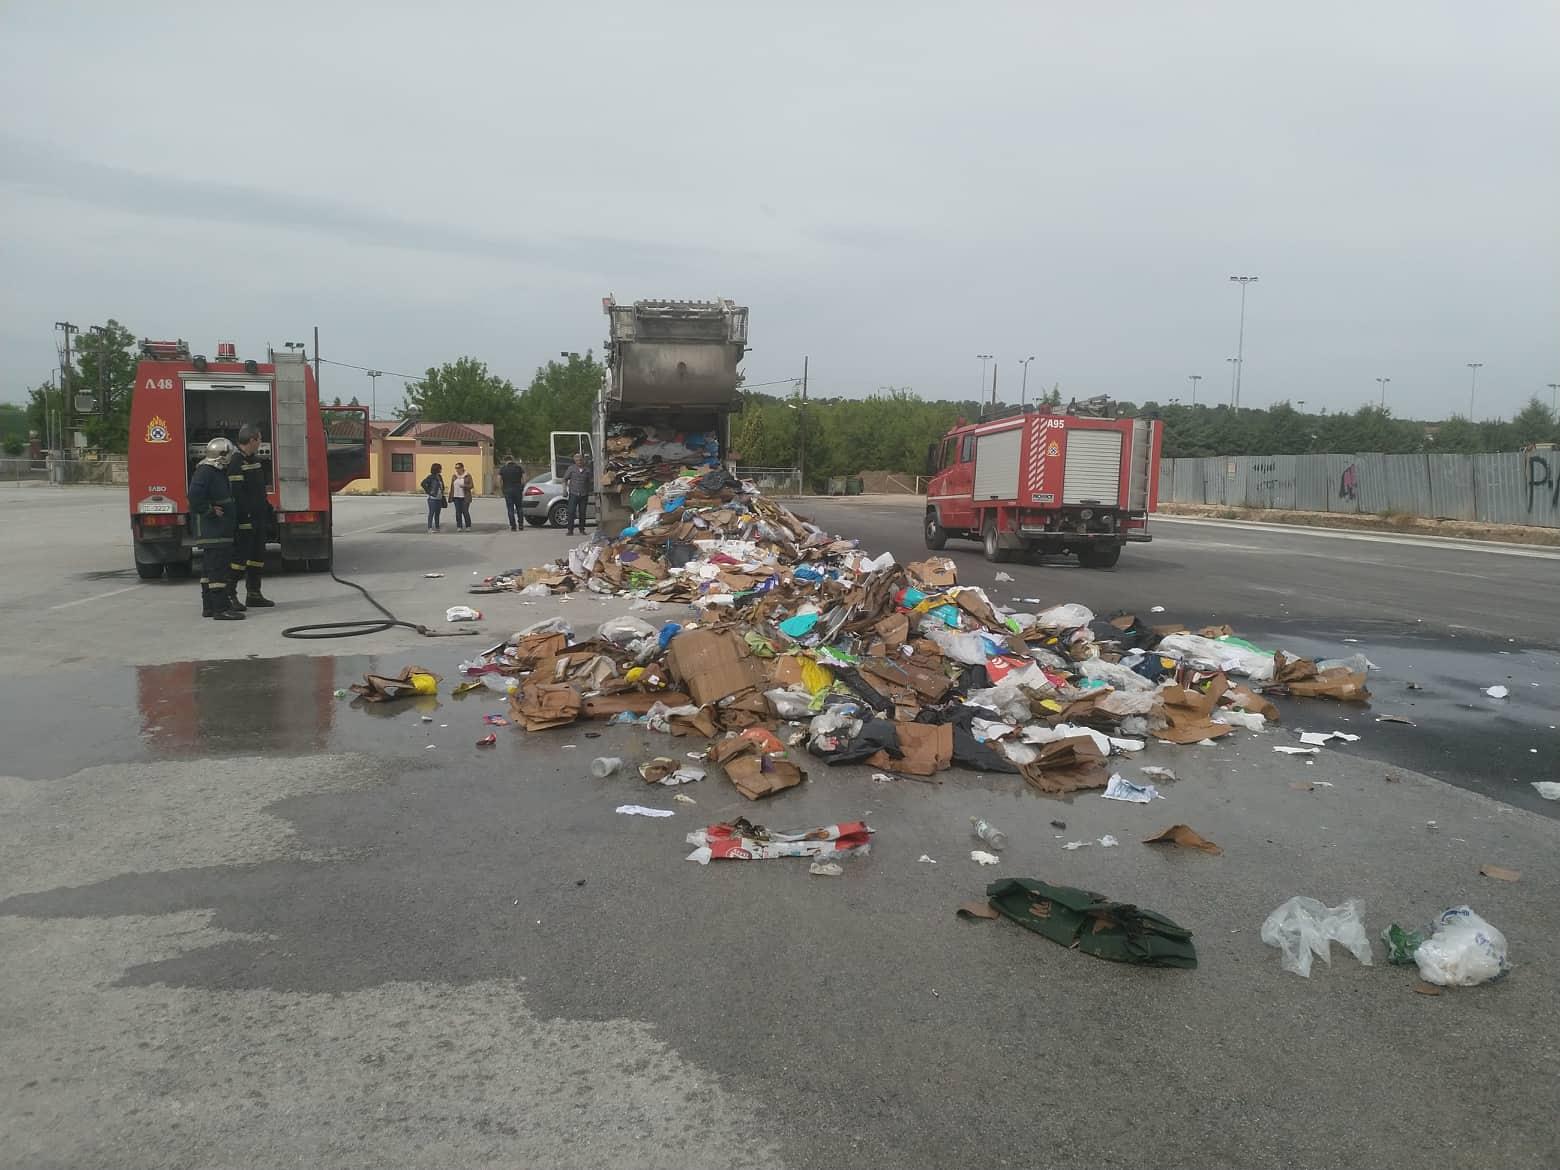 Απορριμματοφόρο στη Λάρισα άδειασε τα σκουπίδια στο δρόμο για να μην καεί!